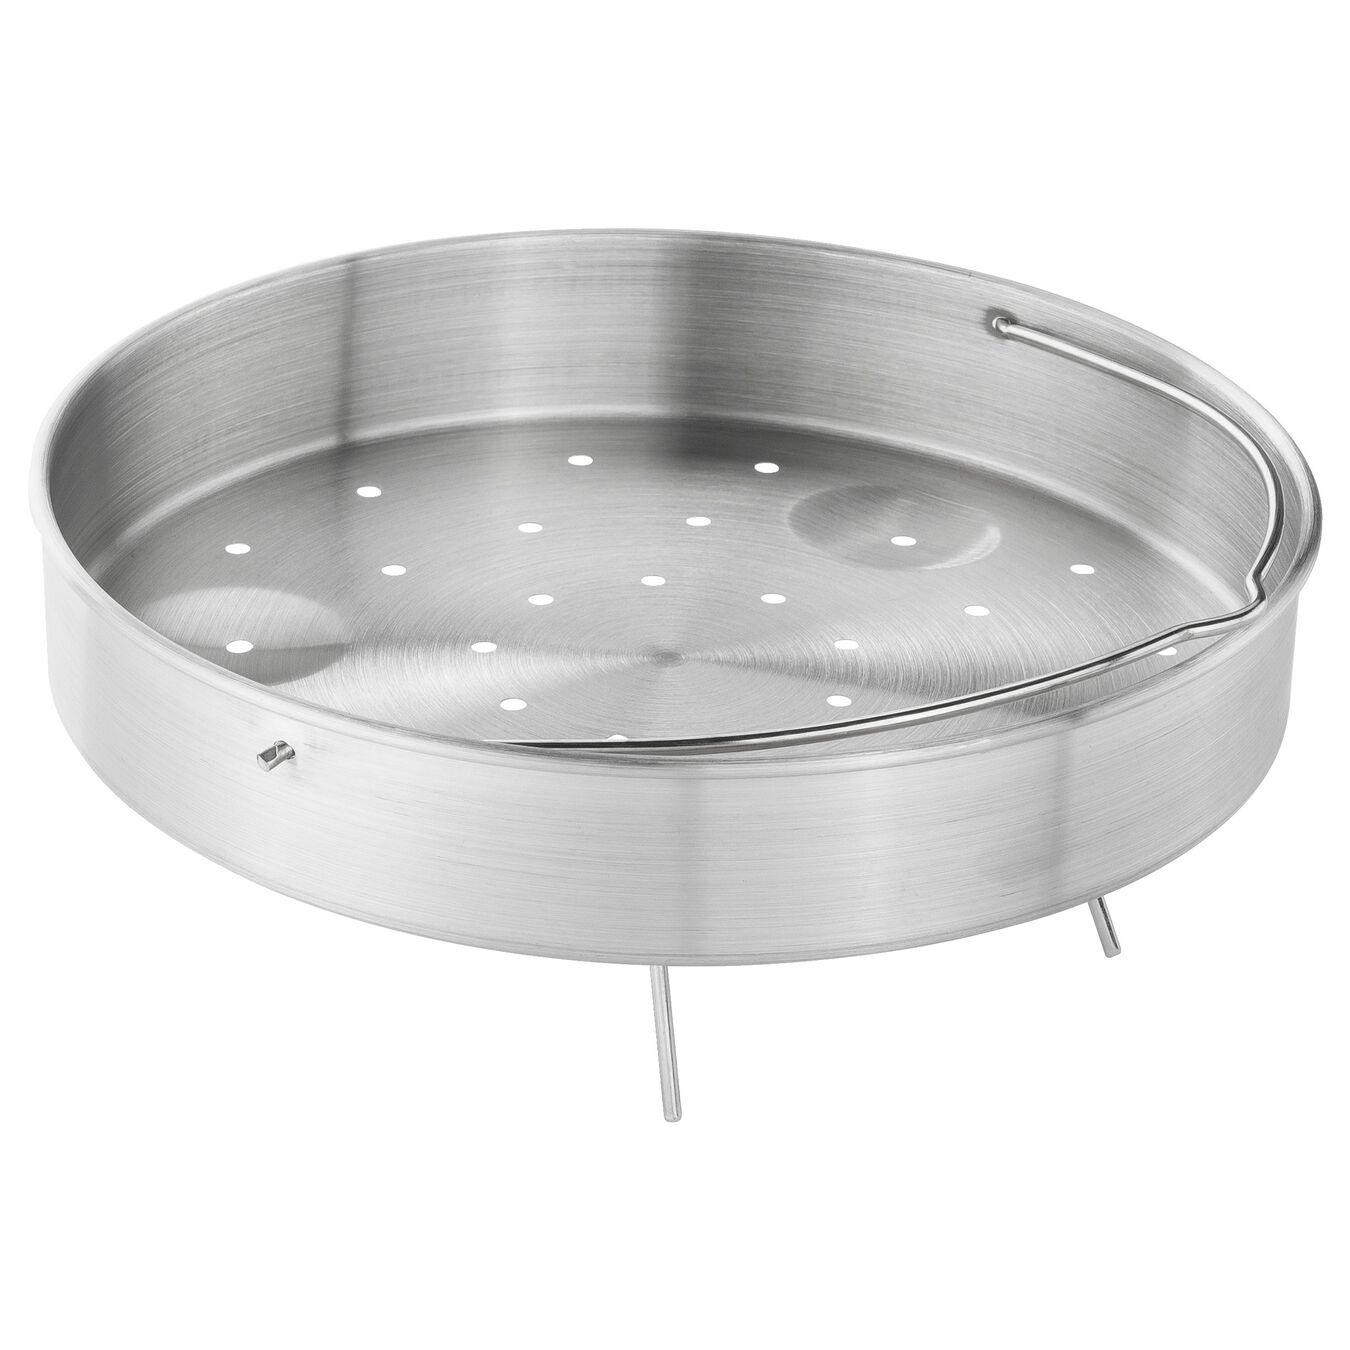 Passoire pour cuit vapeur 22 cm,,large 2